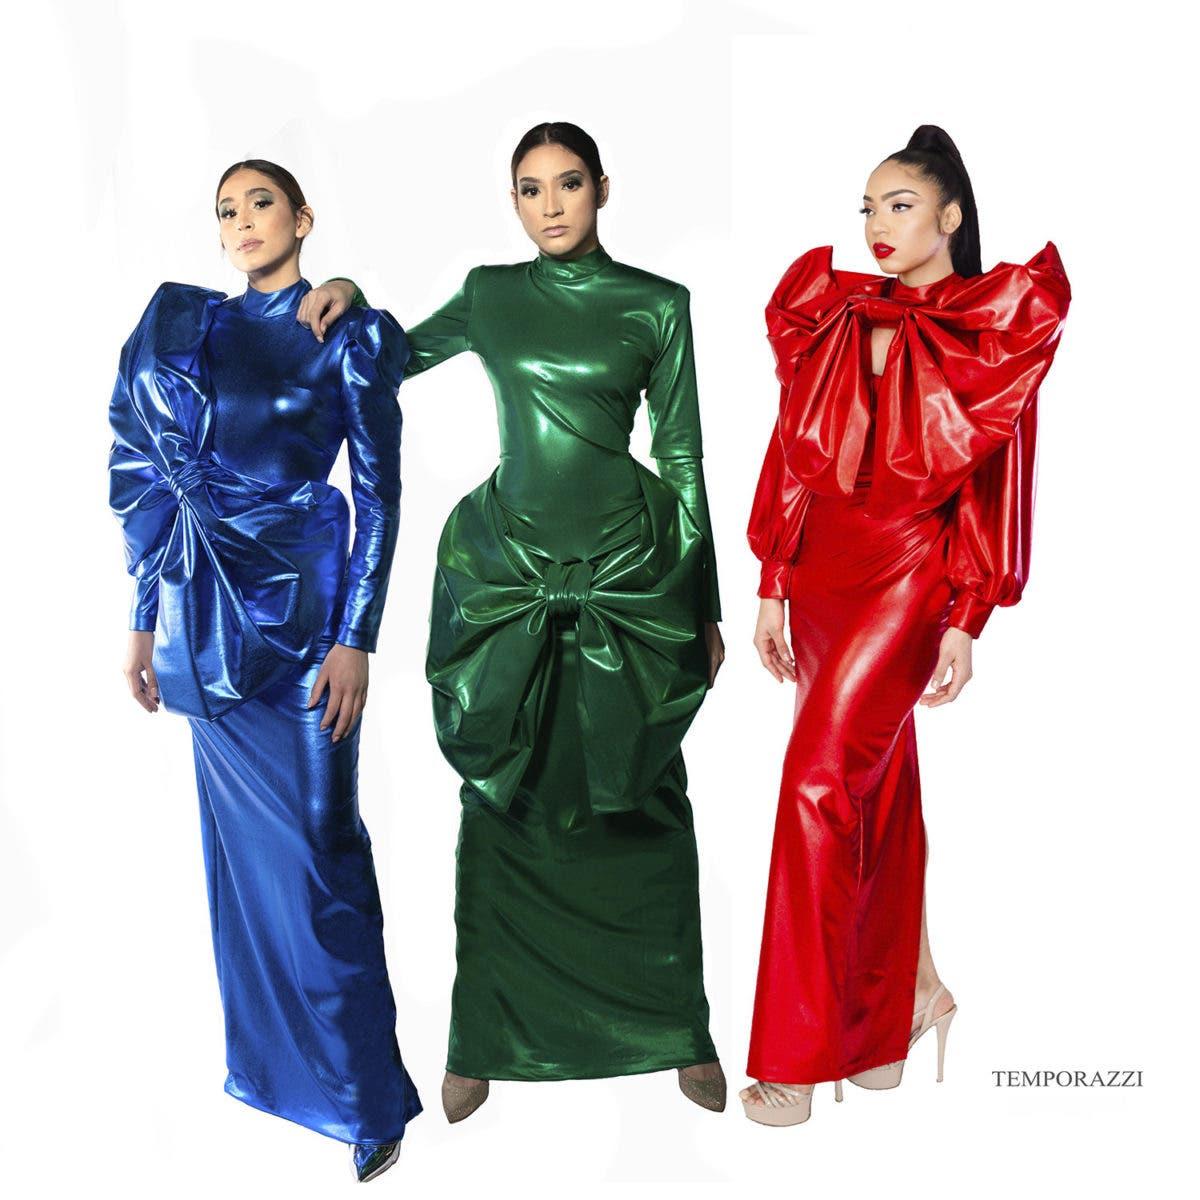 Diseñadora dominicana debuta en EE.UU. en el mundo de la moda con la colección FALL 2021